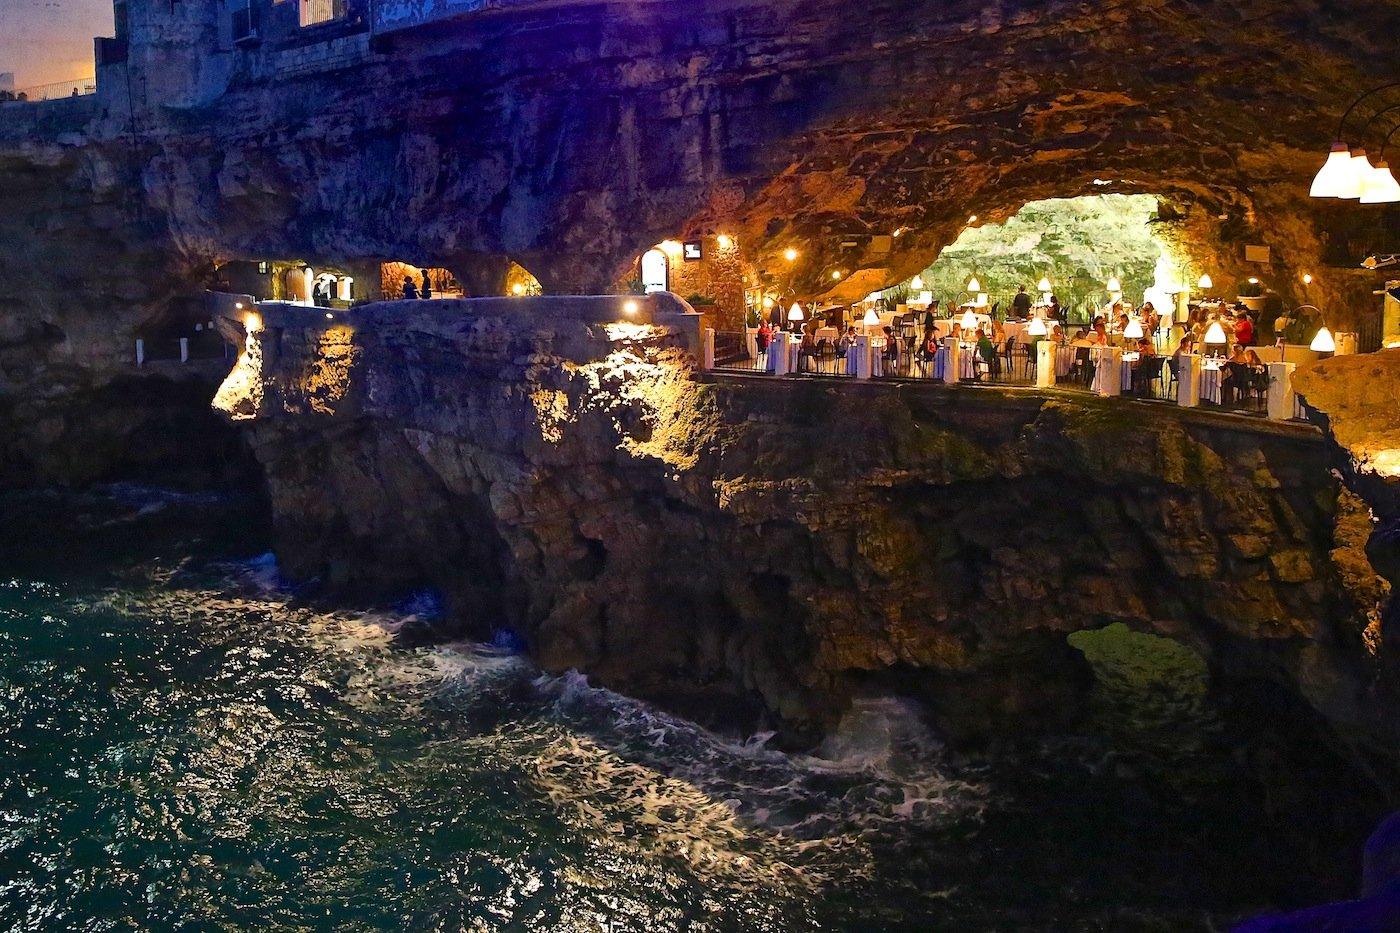 46. Grotta Palazzese - Polignano a Mare